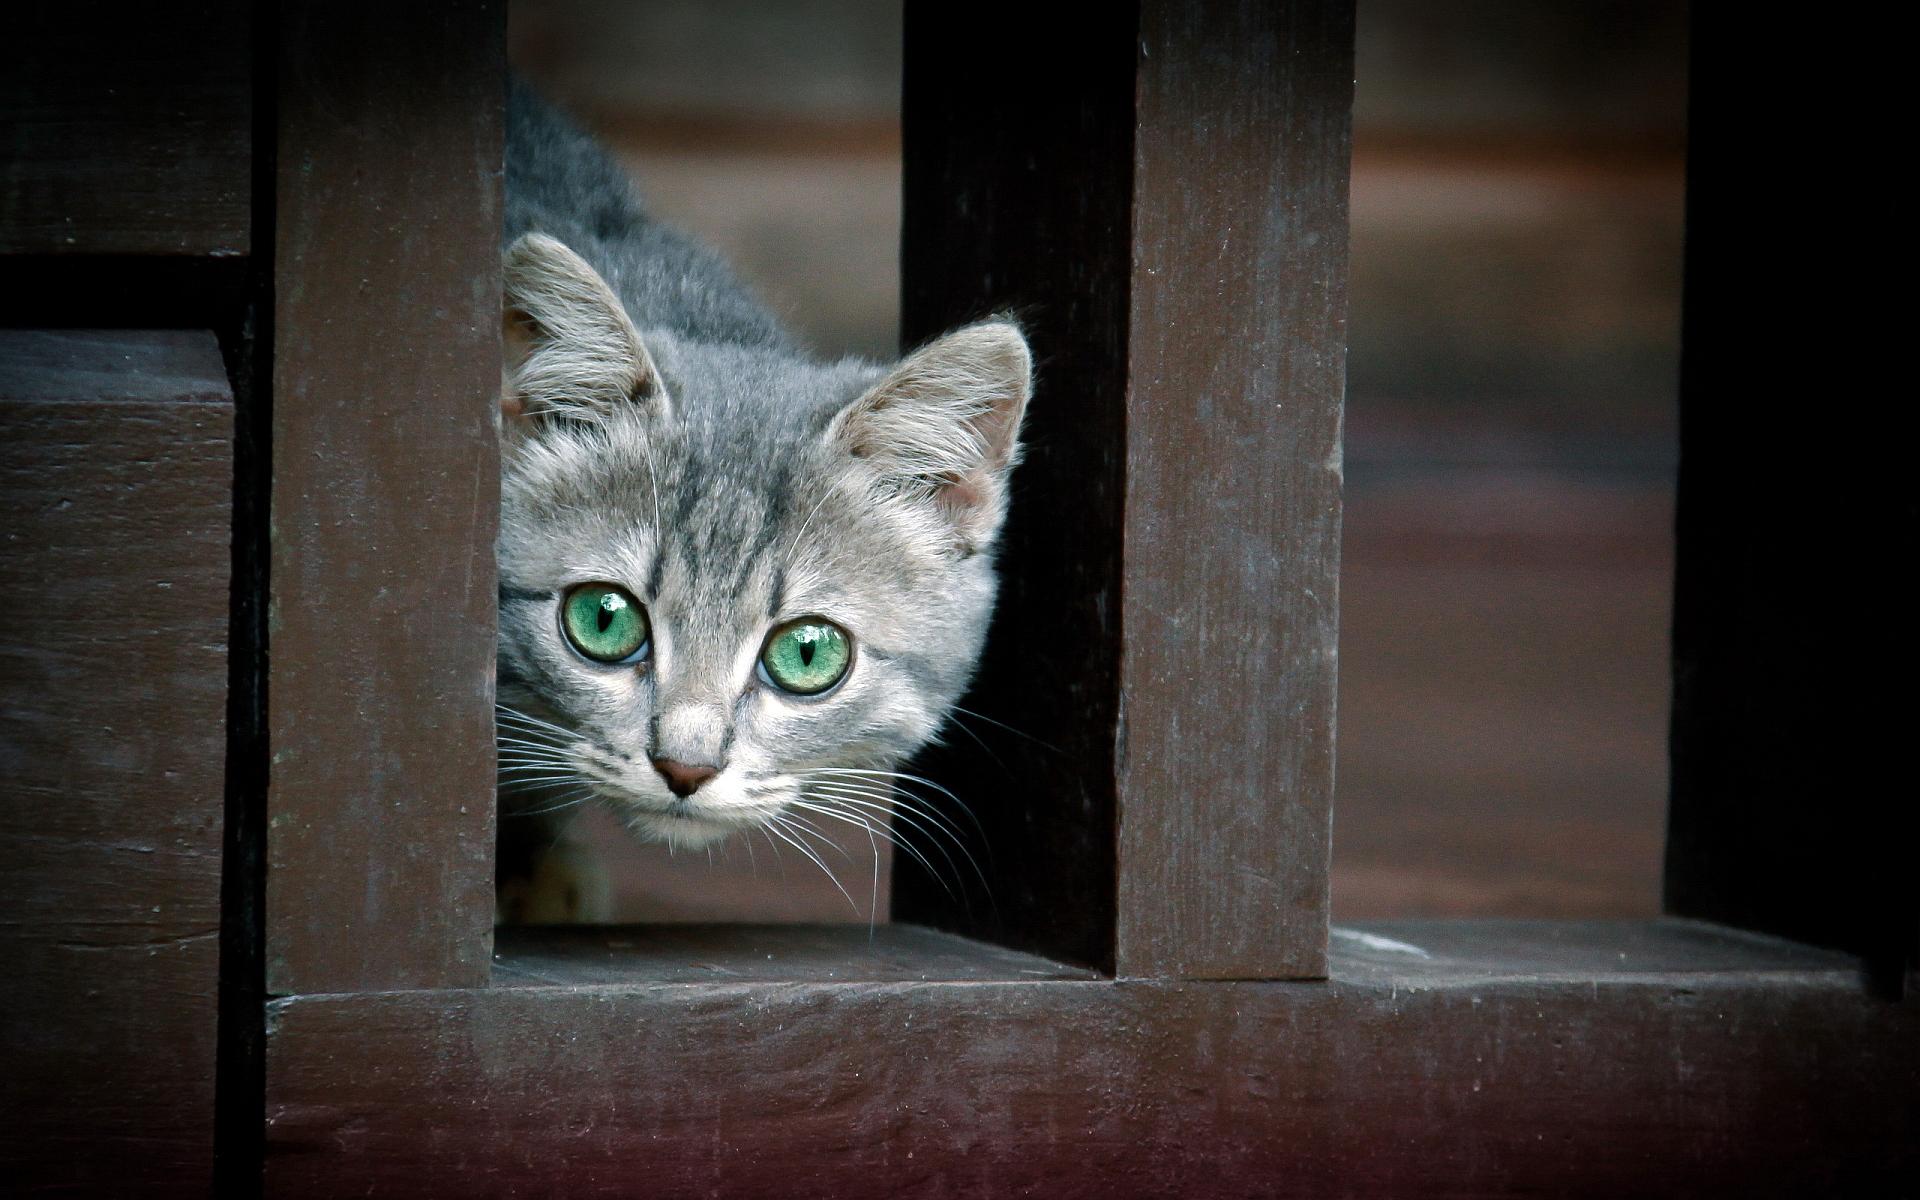 cat eyes green cute